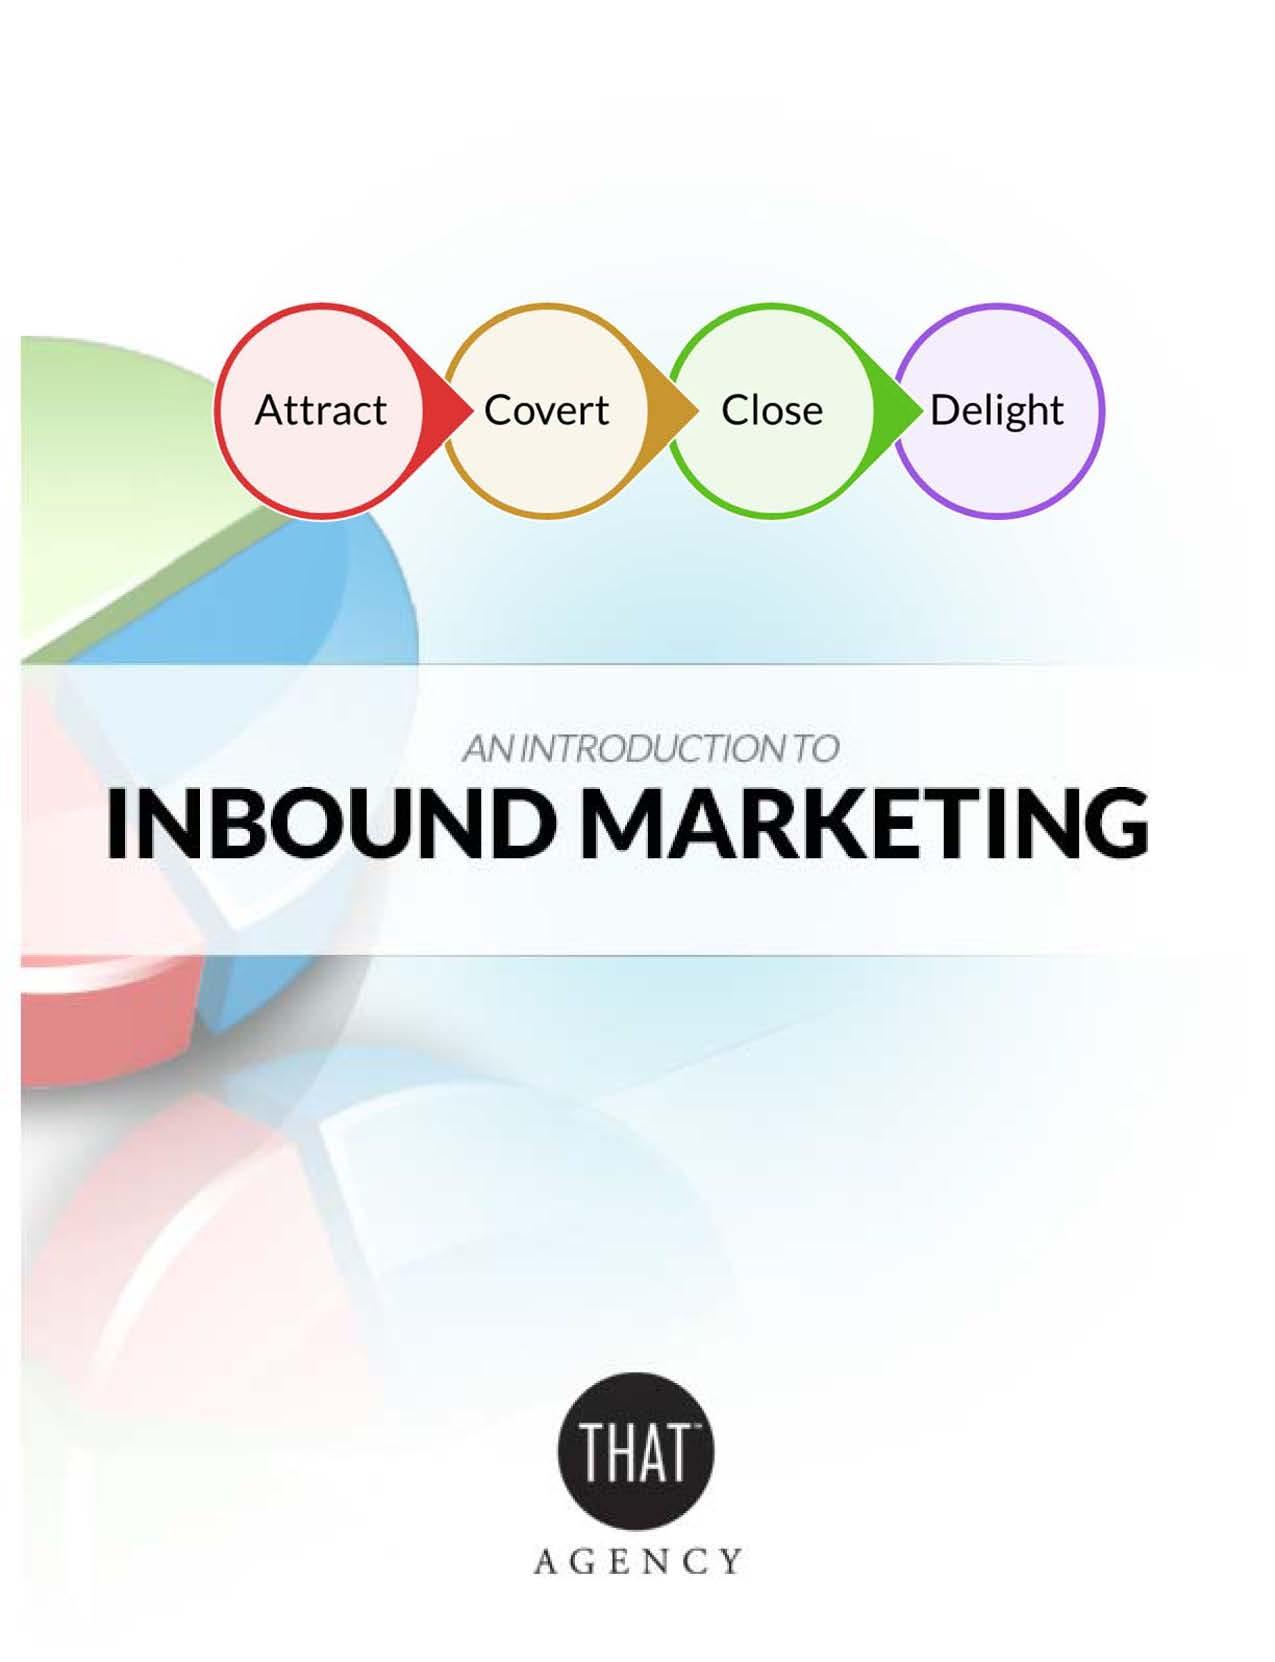 Inbound Marketing Whitepaper   THAT Agency